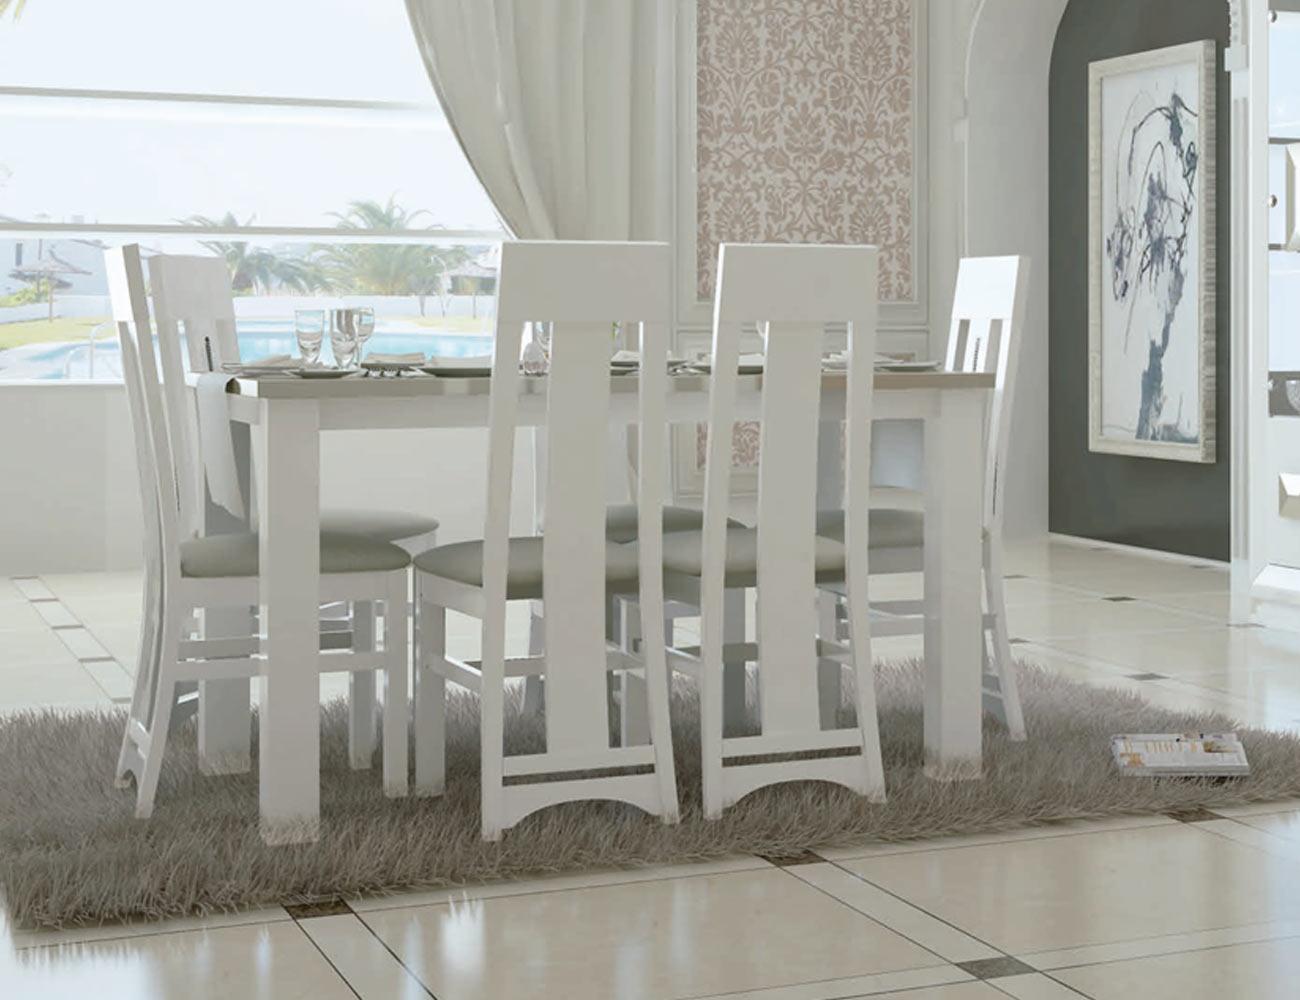 Mesa sillas neoclasico color 5044